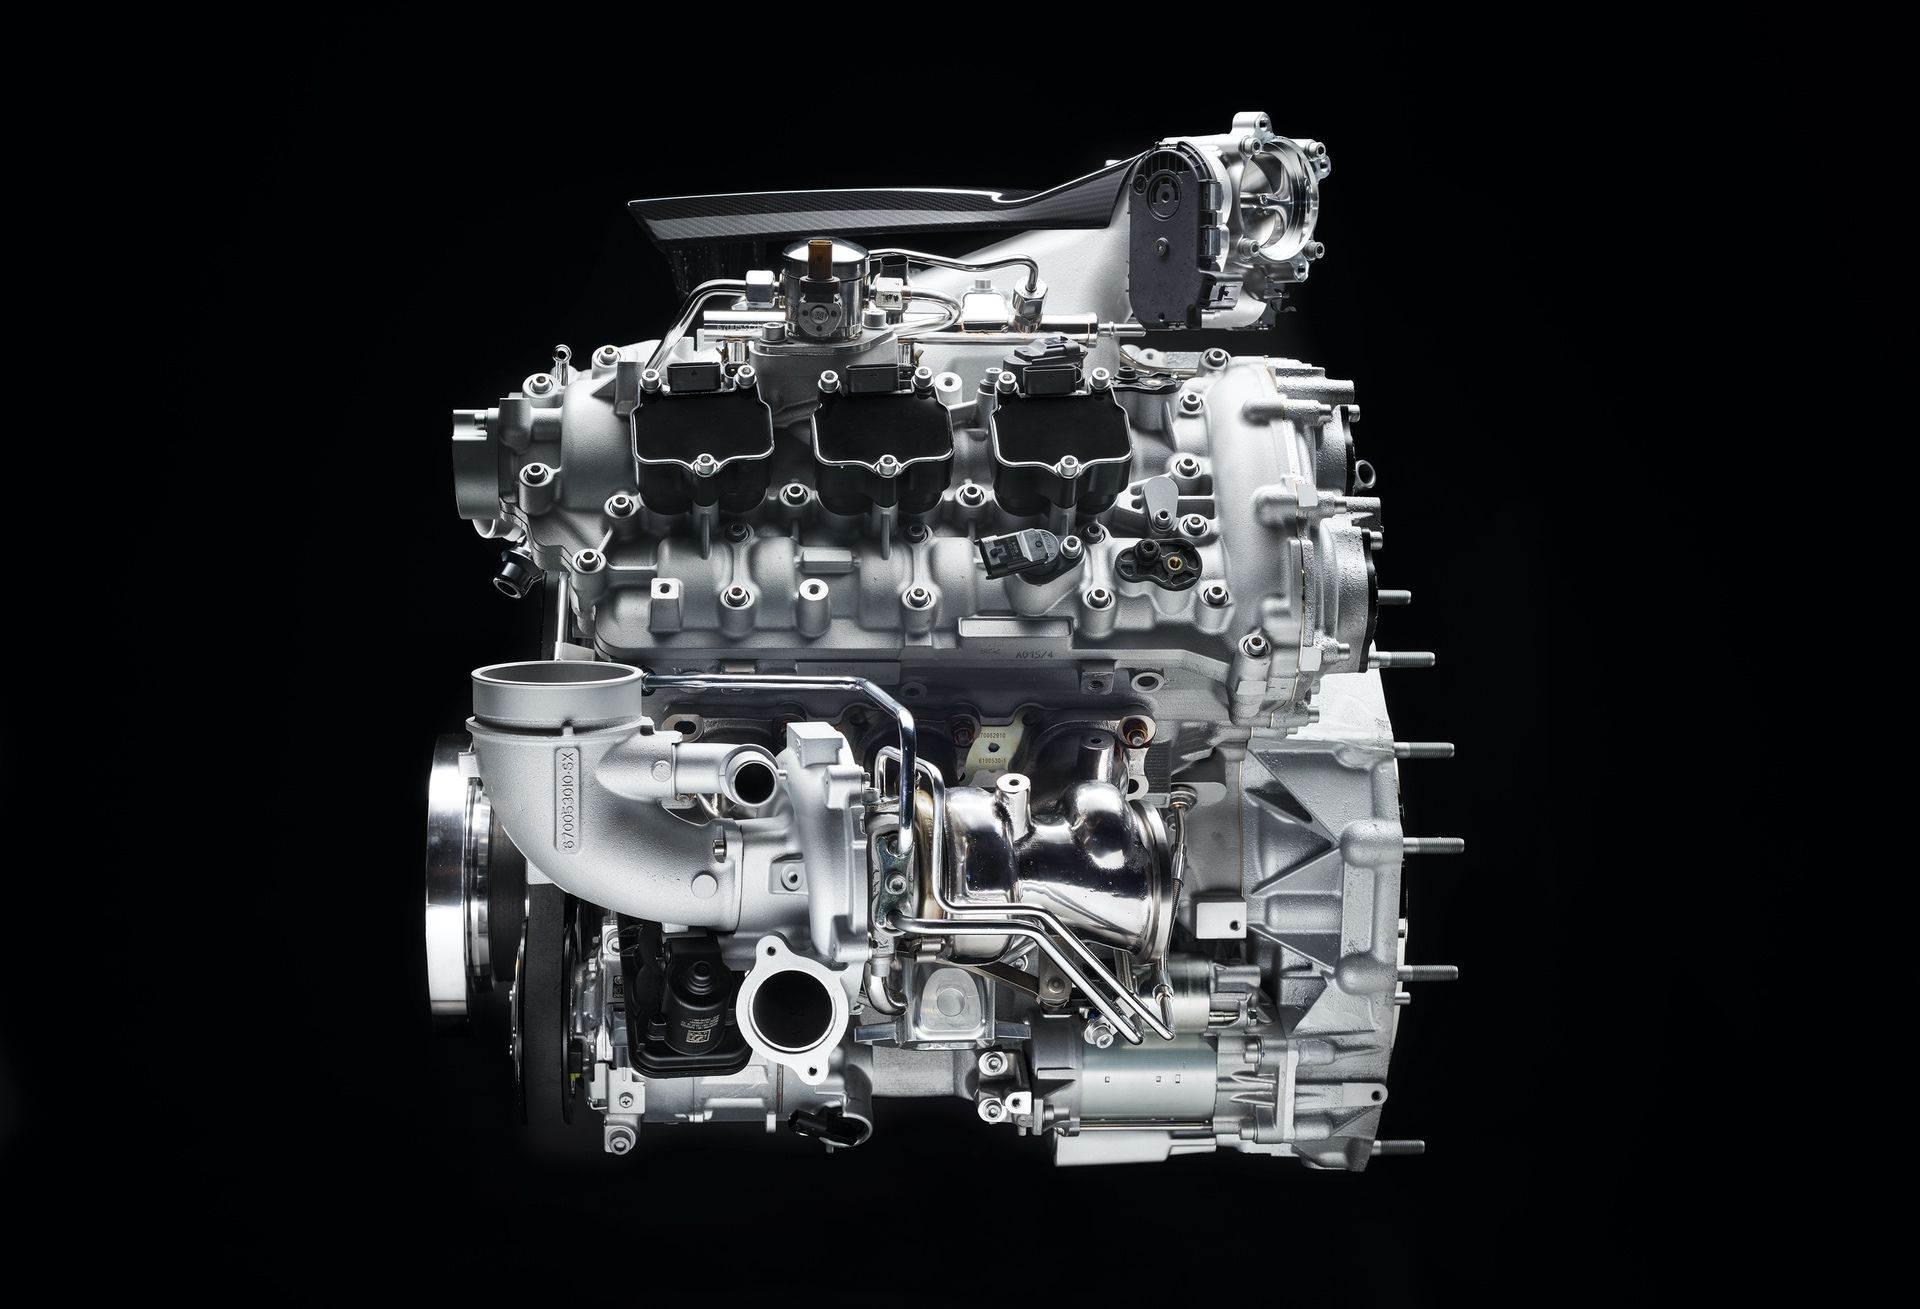 Maserati_Nettuno_engine_0000